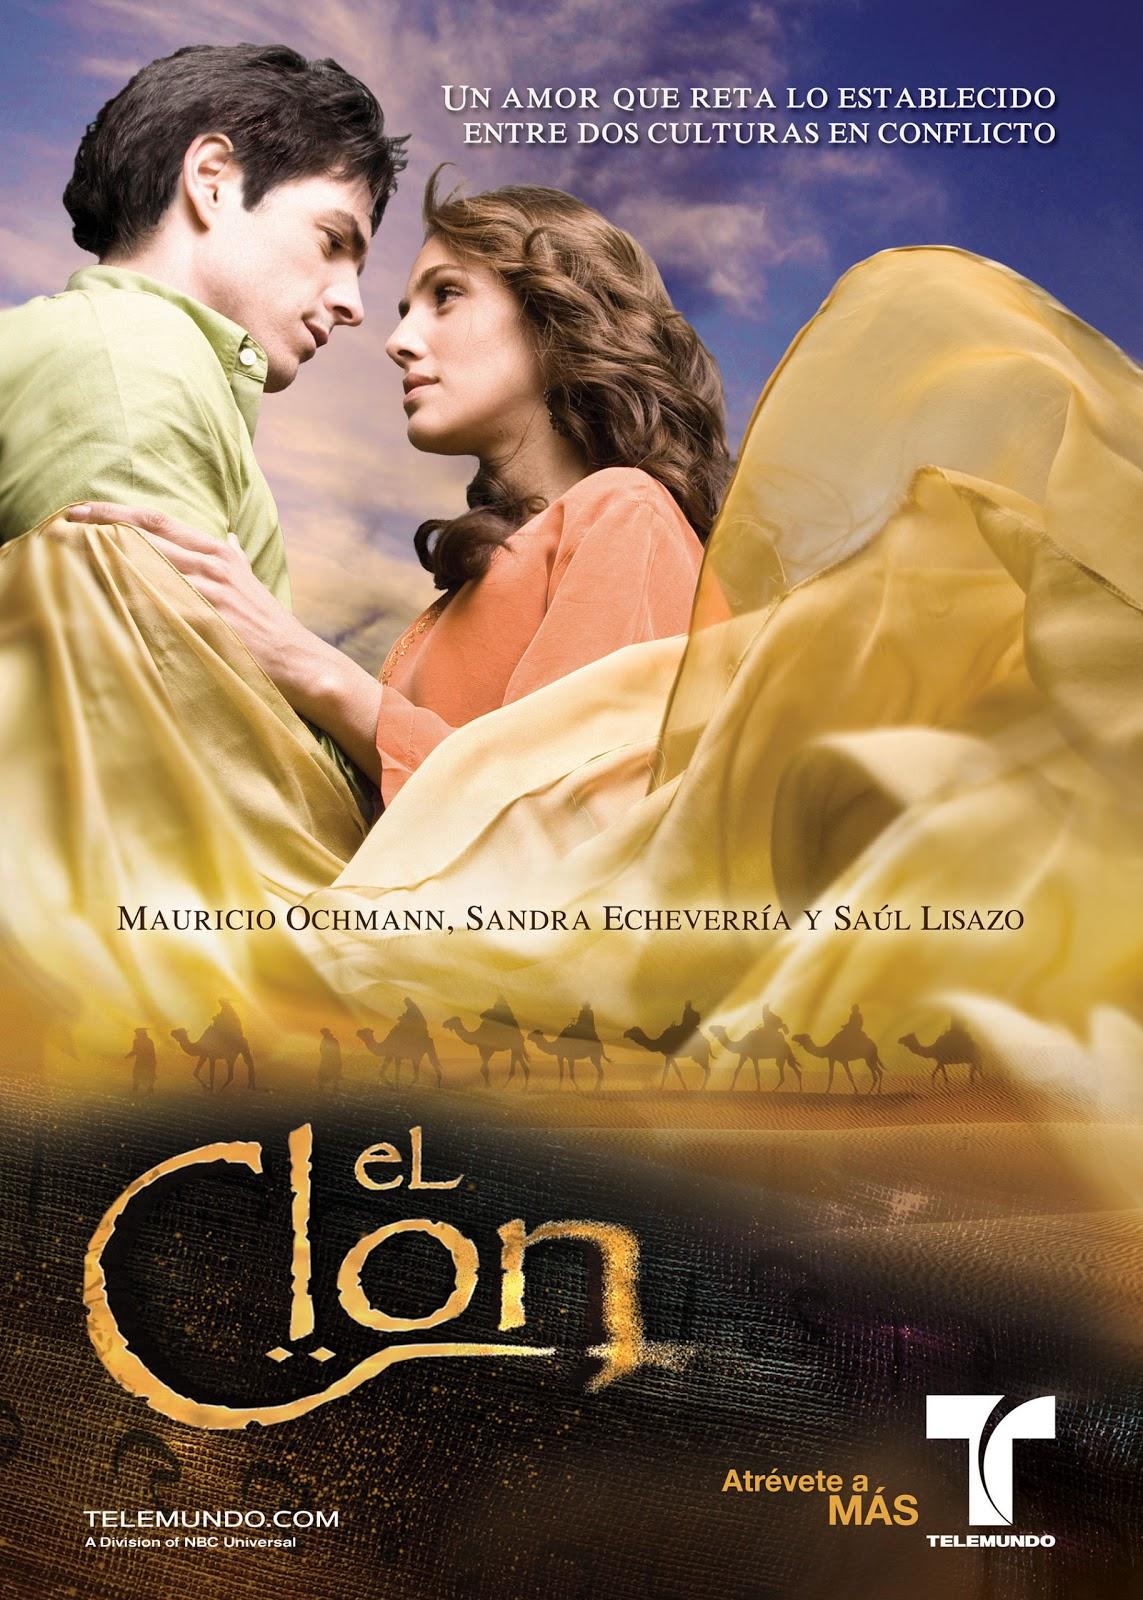 El clon [Telemundo] | Finalizada y completa